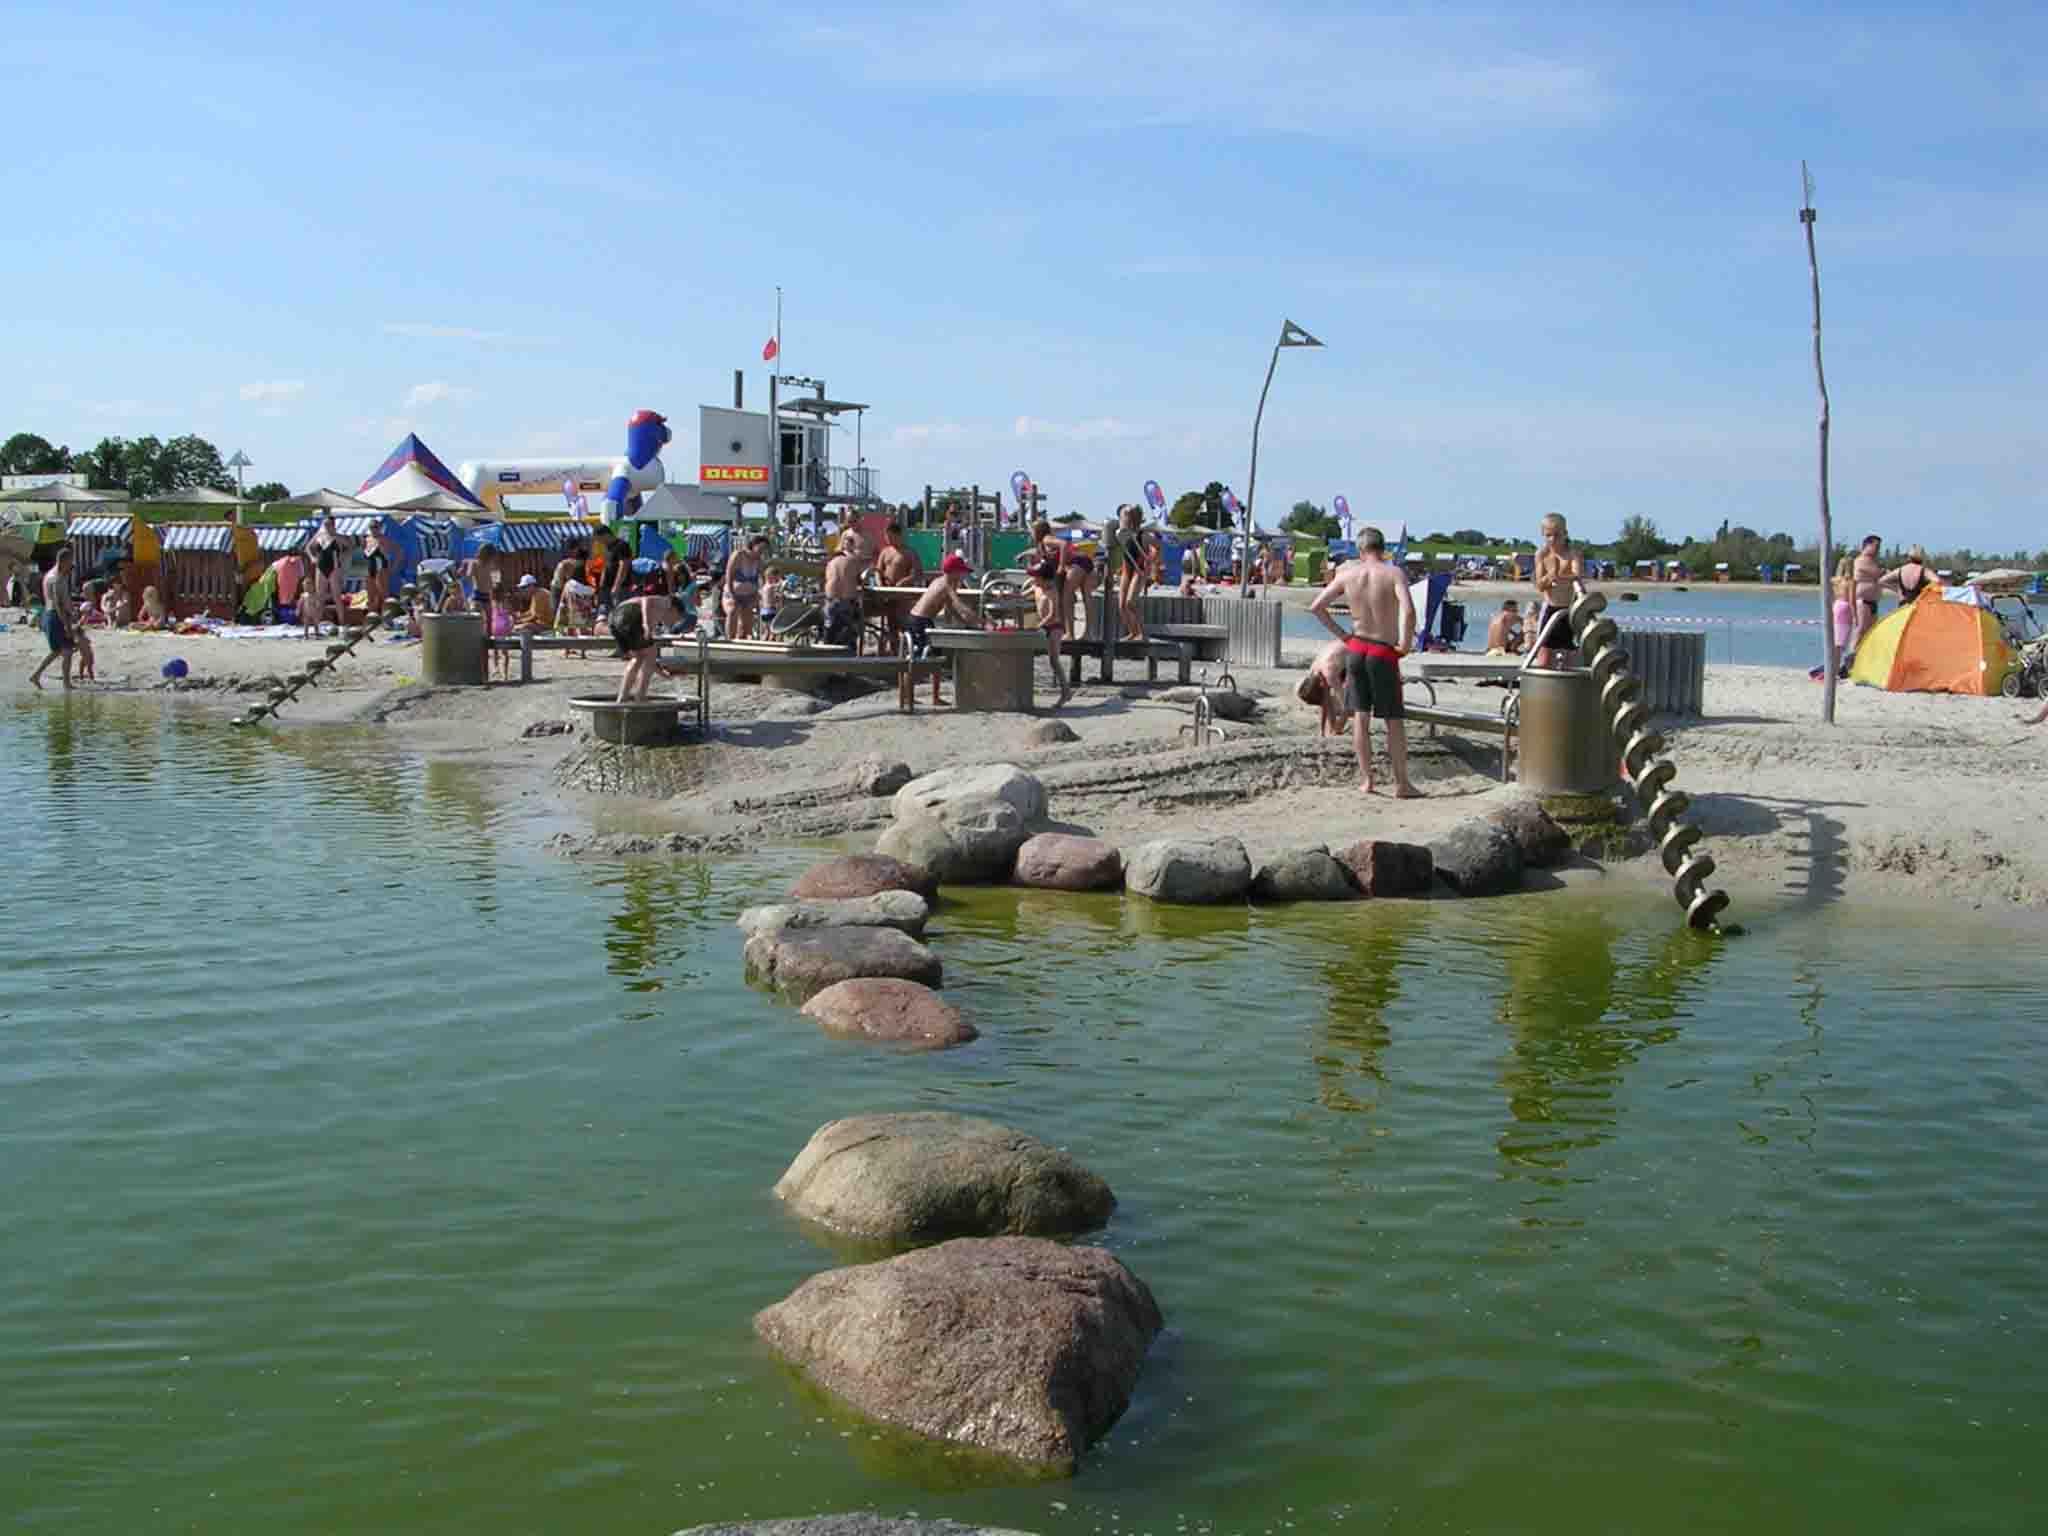 Der Wasserspielplatz